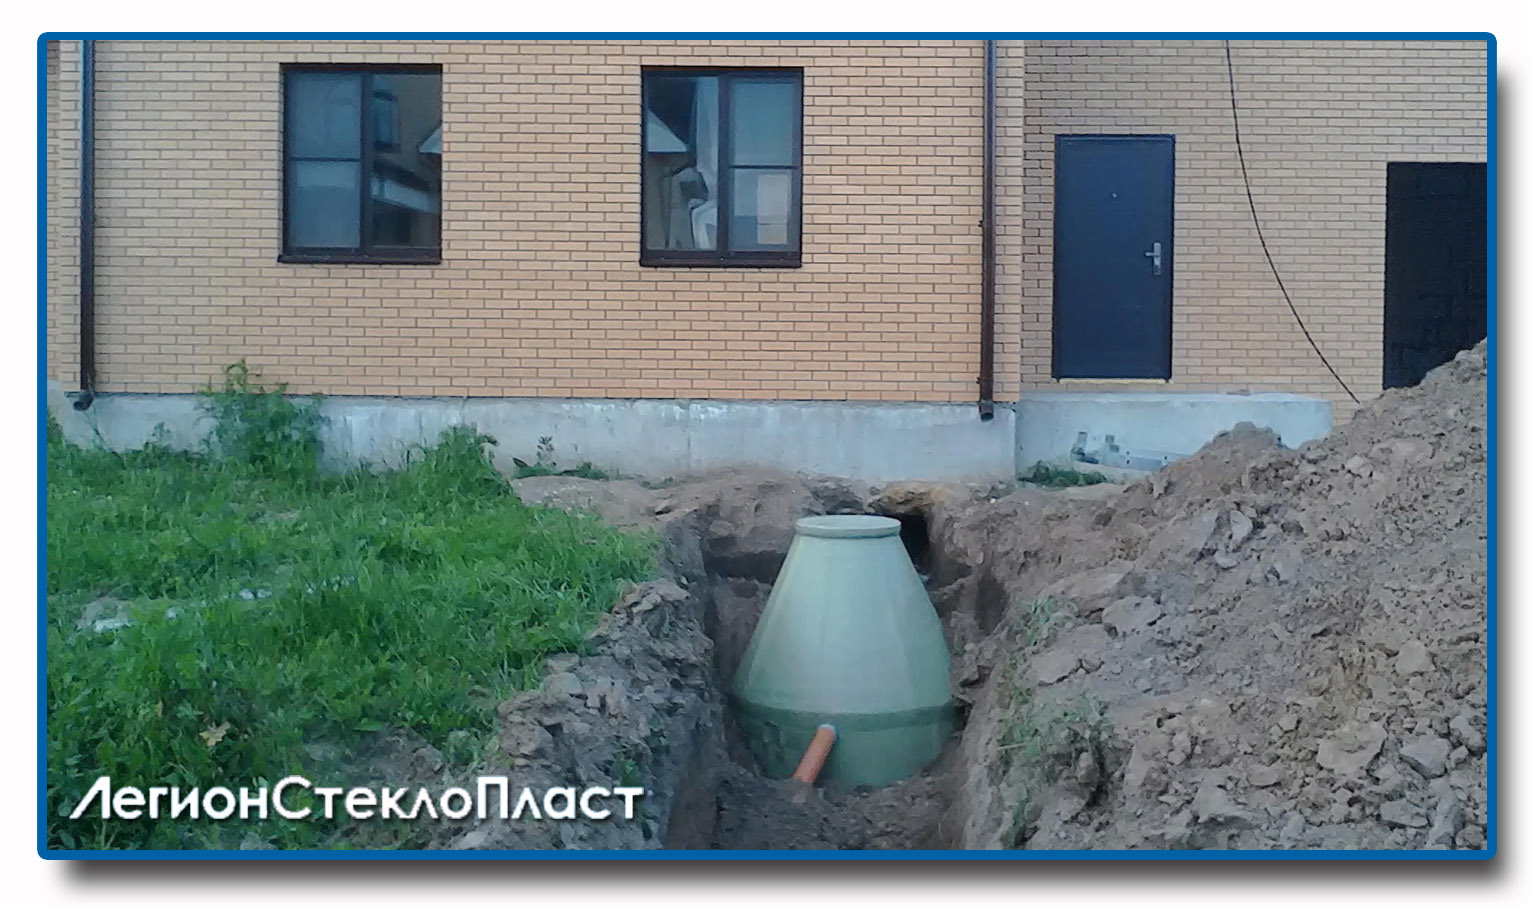 МонтажУстановка системы водоочистки производитсяПод ключ с гарантией за 1 день